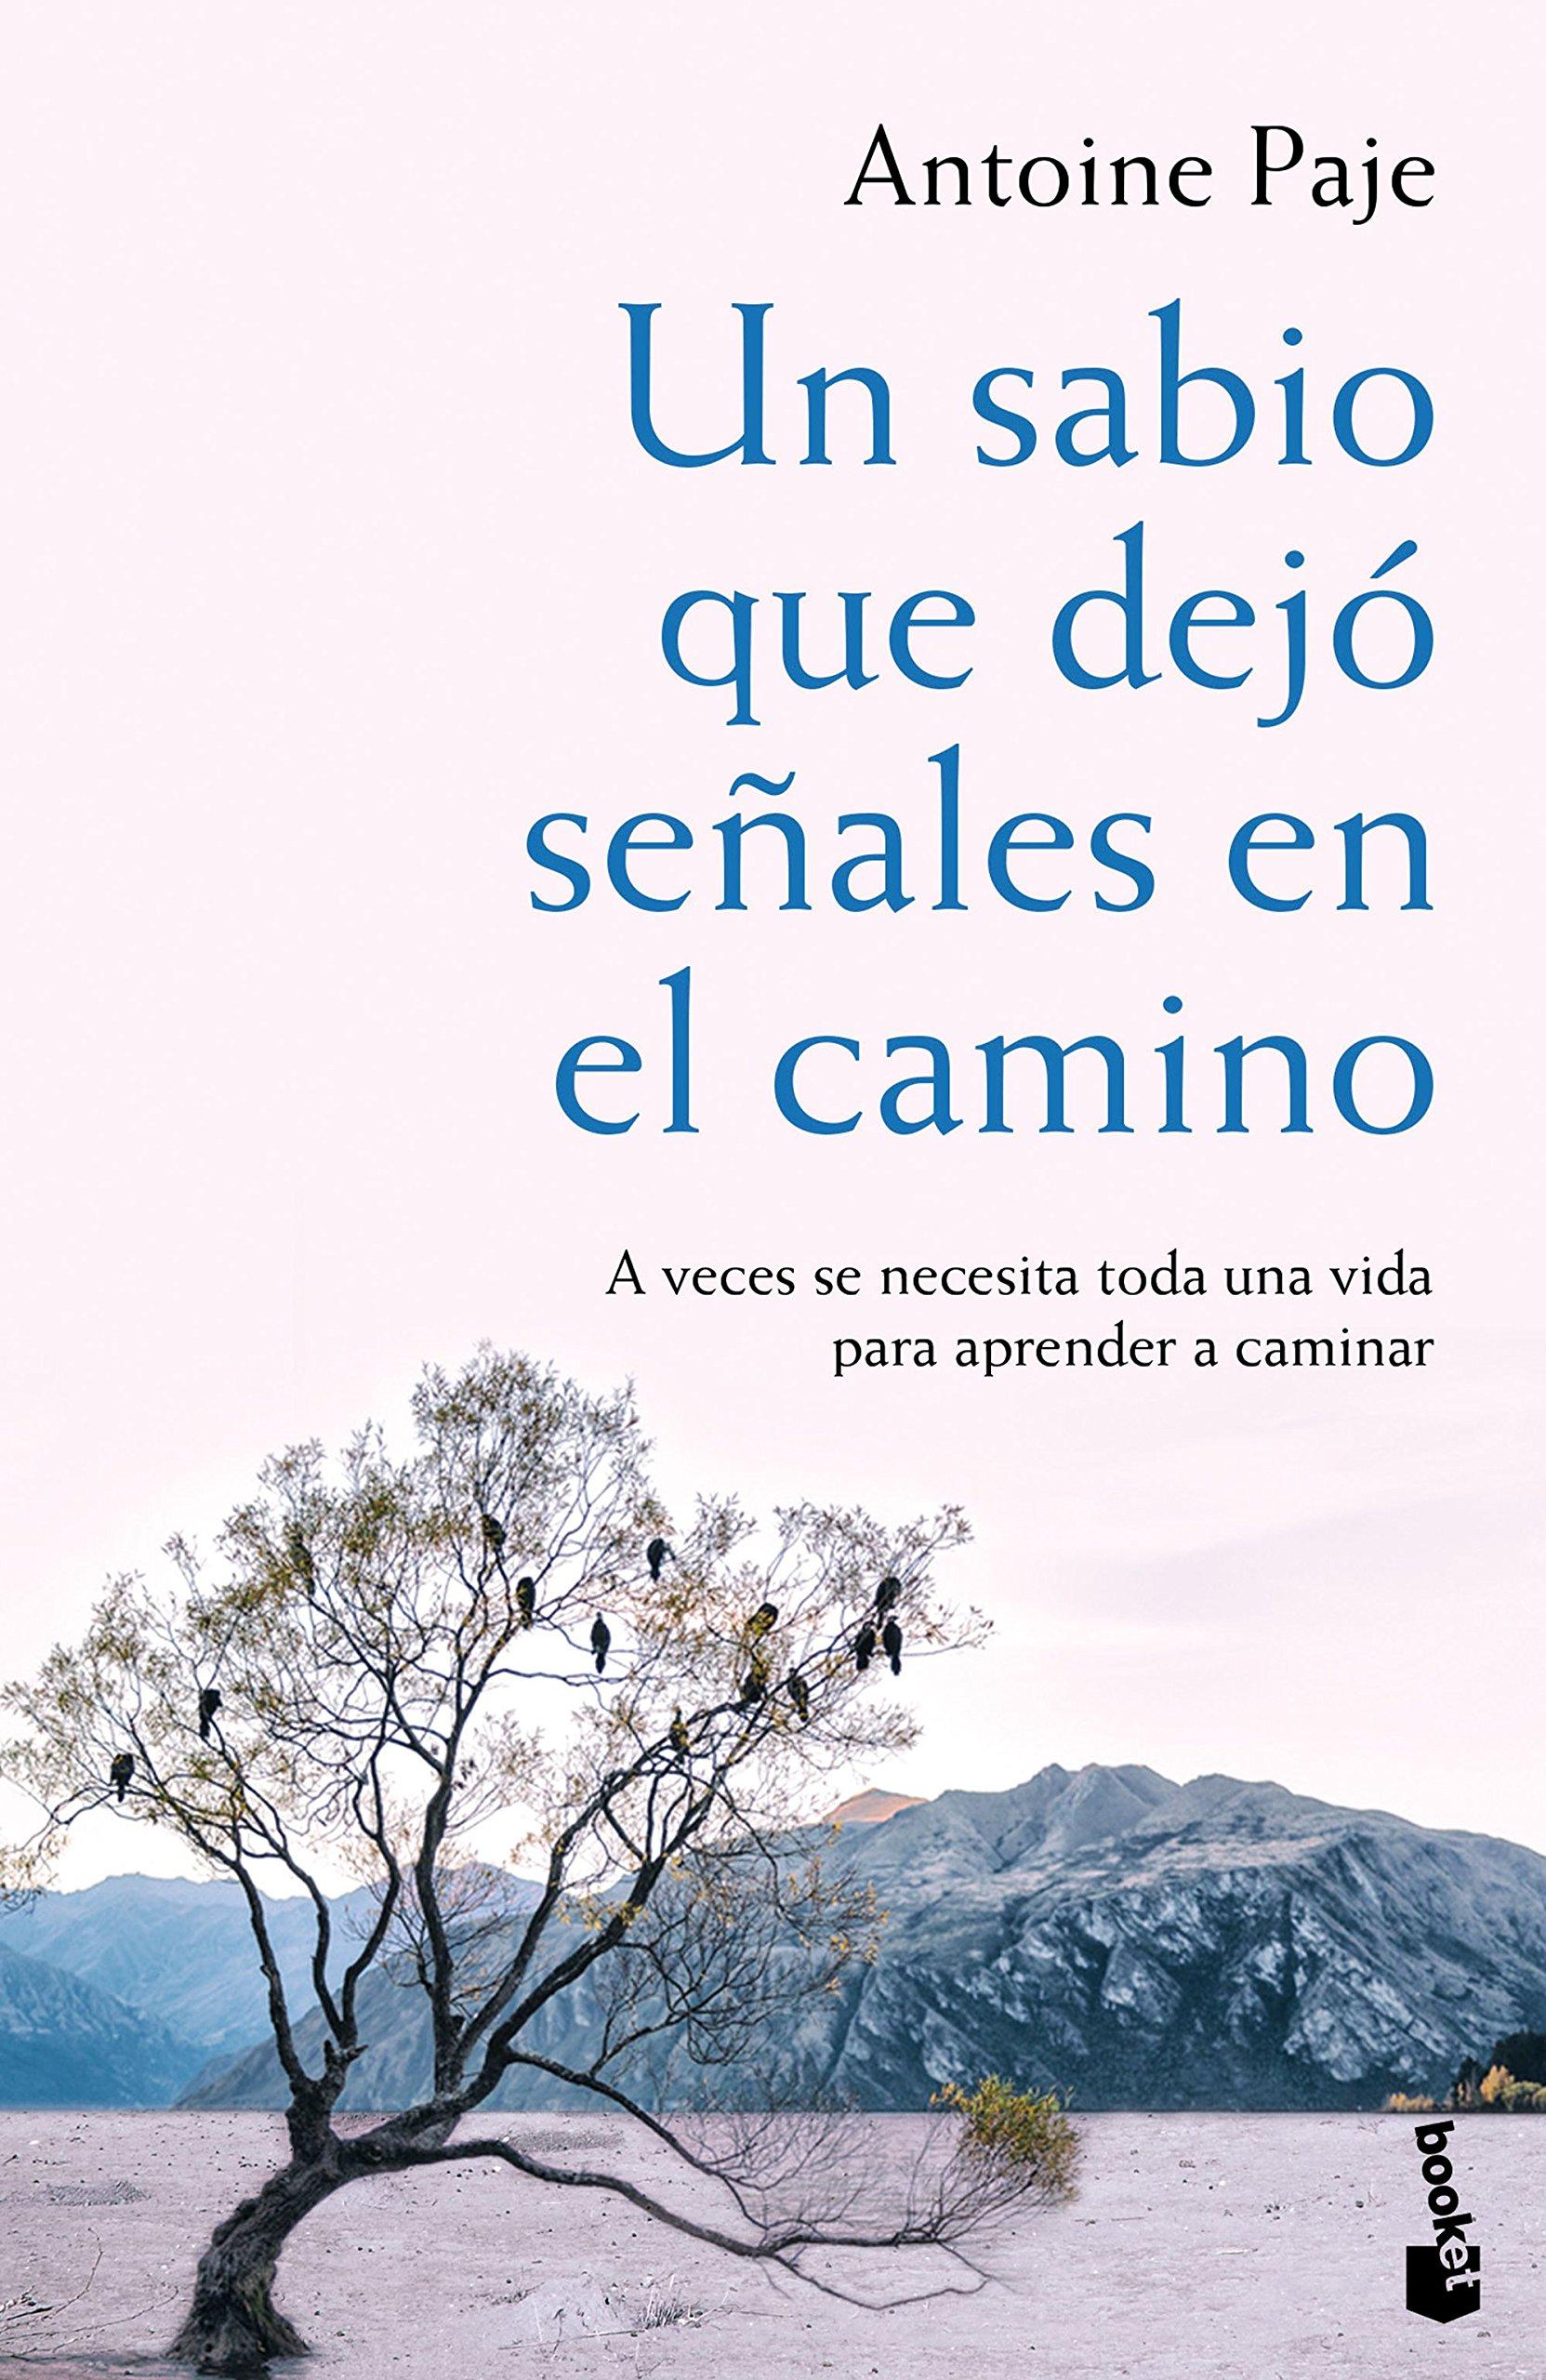 Un Sabio Que Dejo Senales En El Camino Nf Novela Spanish Edition Paje Antoine Onate Tudela Alejandra 9788408166382 Amazon Com Books